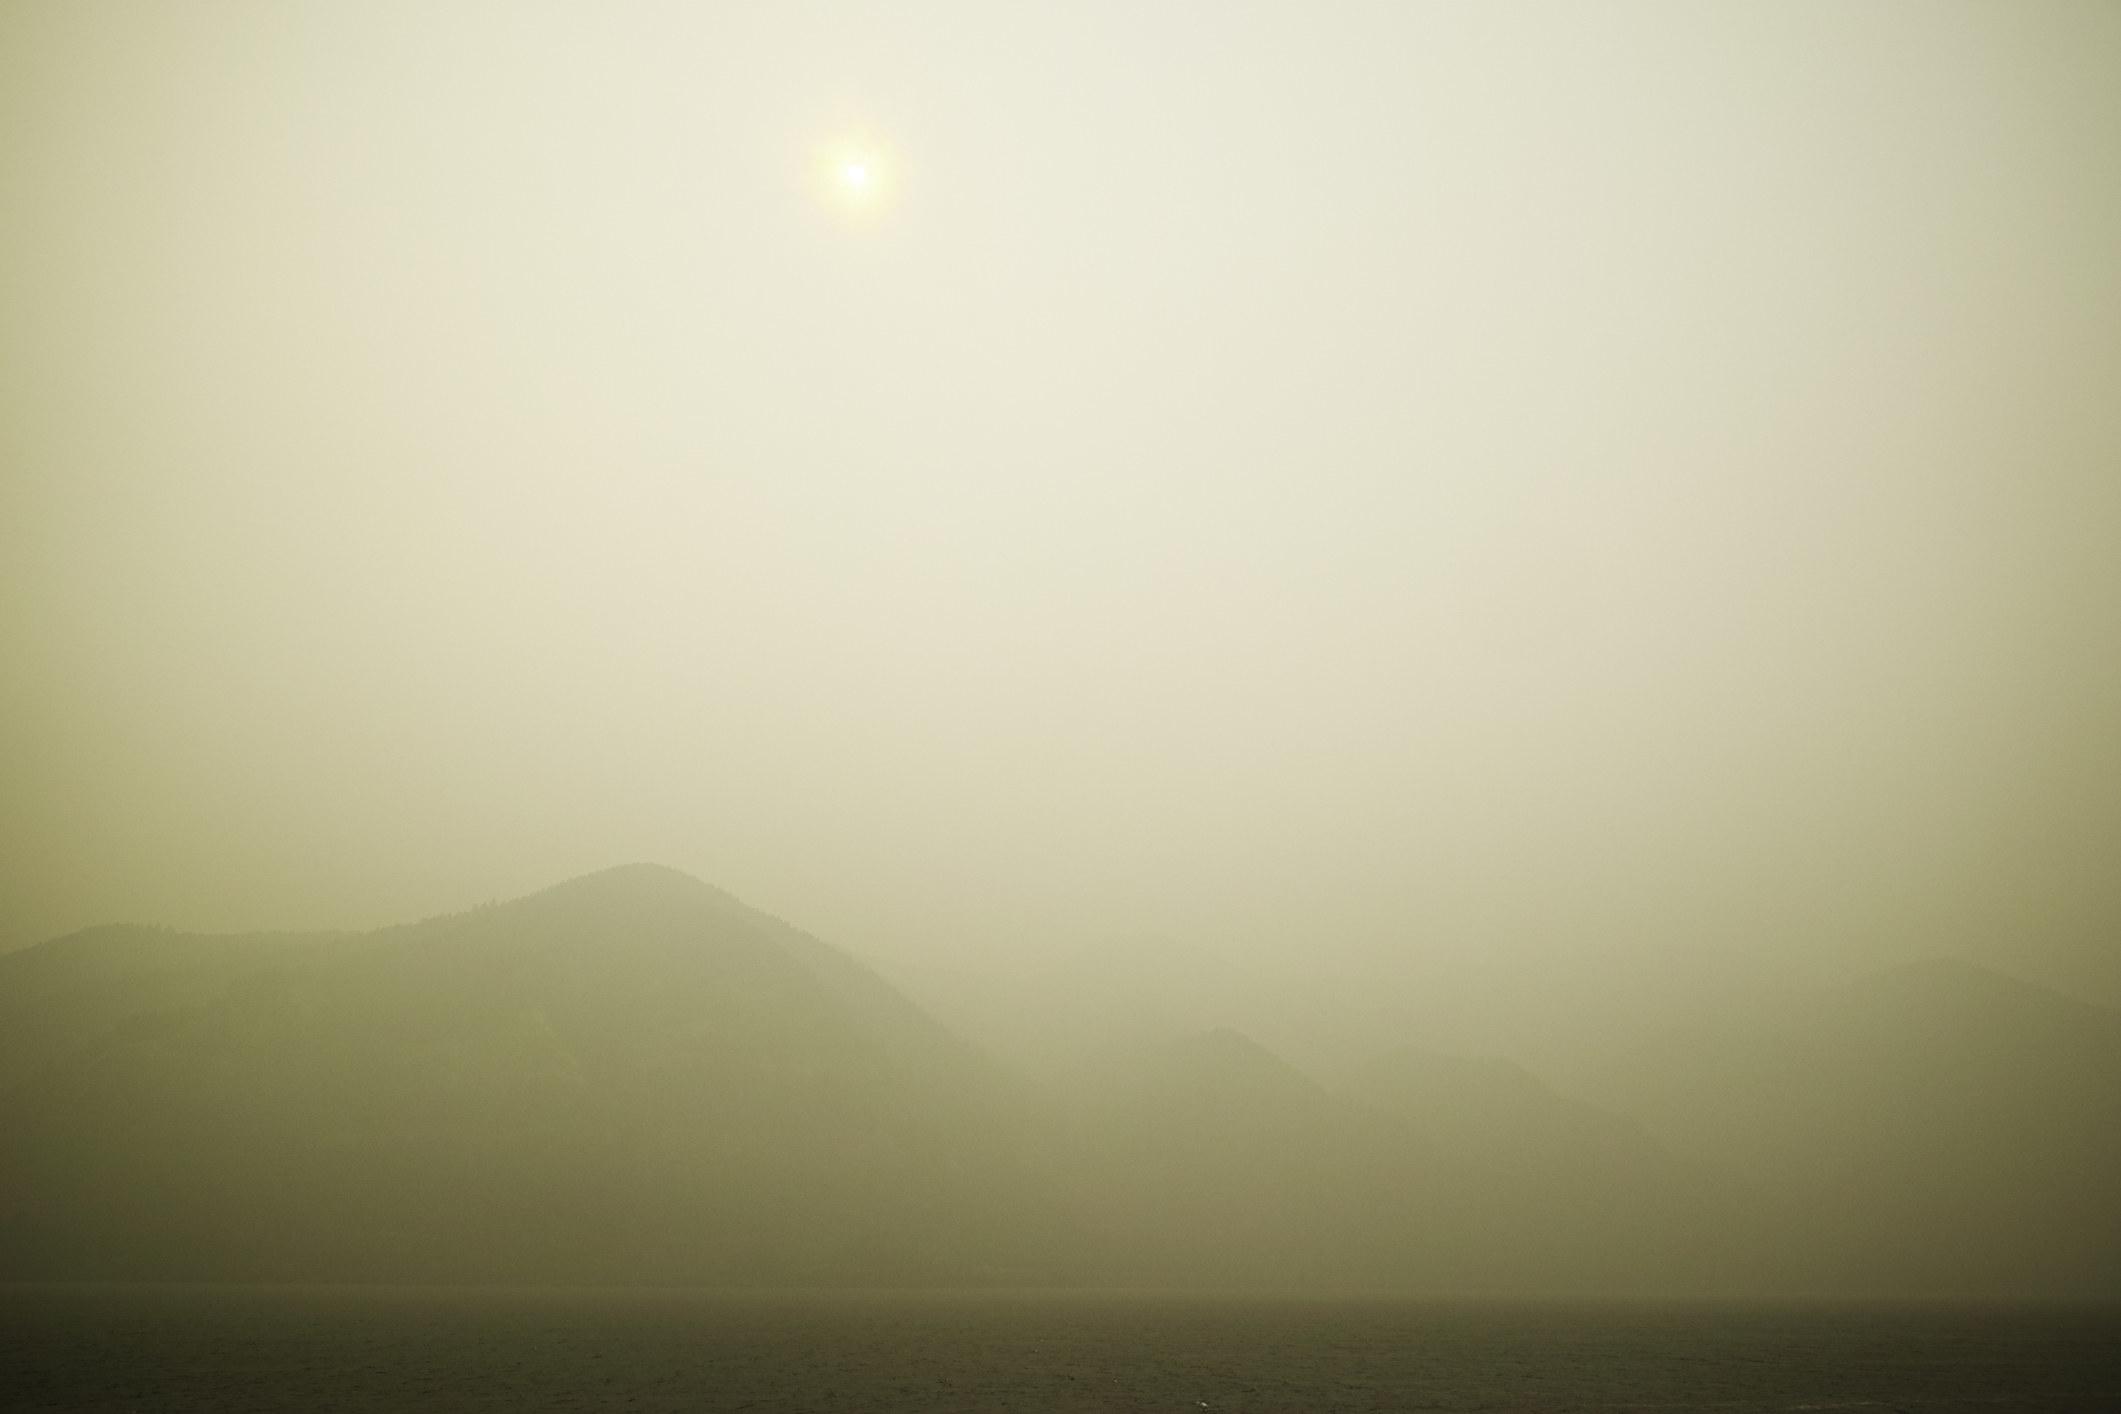 A hazy landscape